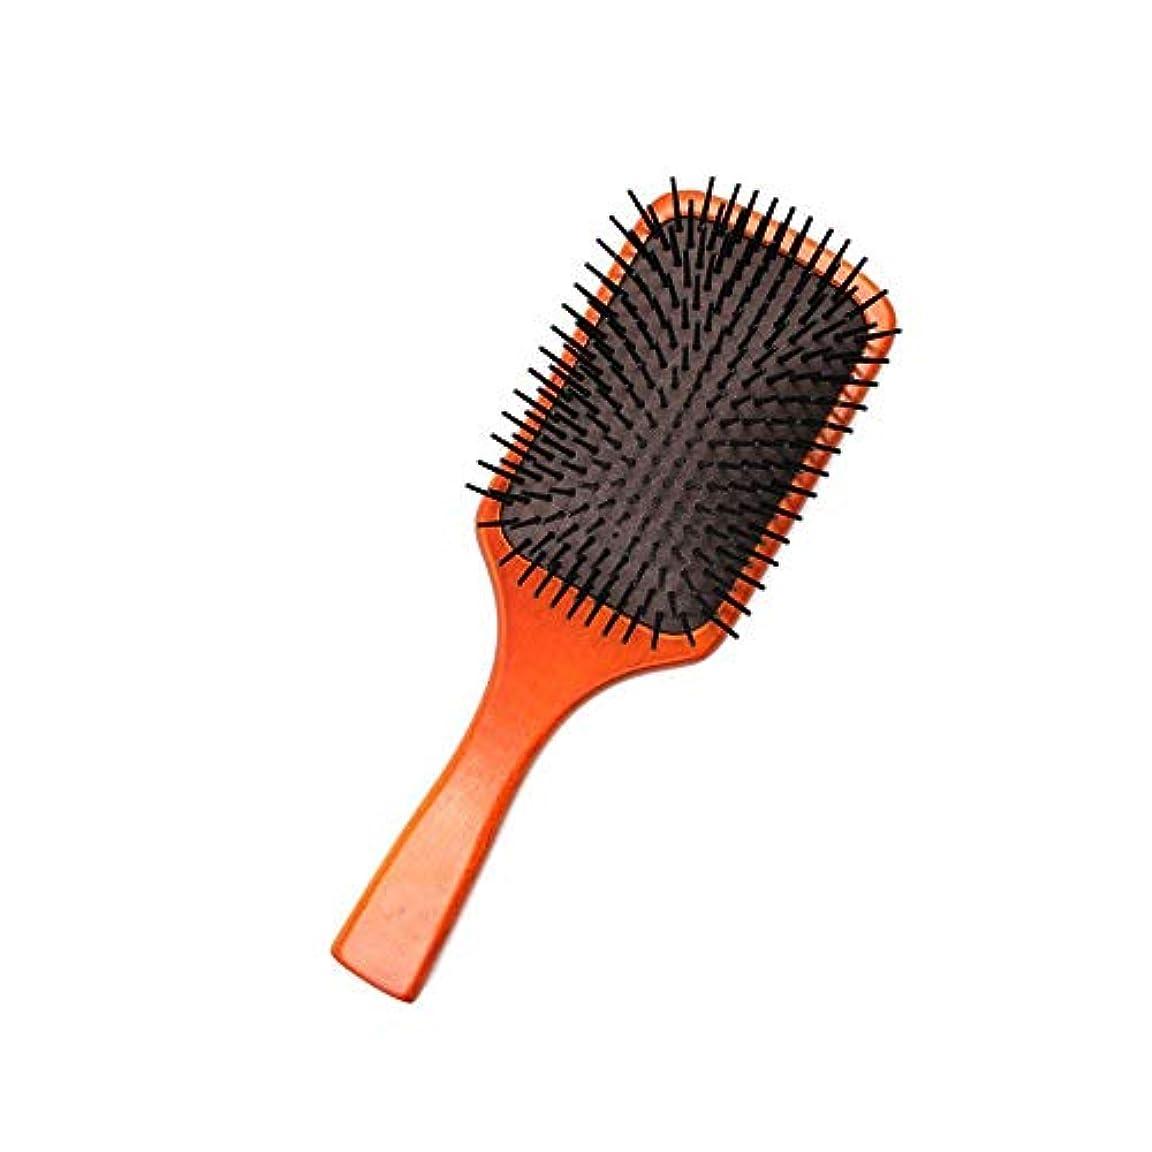 ヒットかわす温かいZYDP 帯電防止木の毛のブラシのマッサージの櫛のブラシ (色 : Photo color)